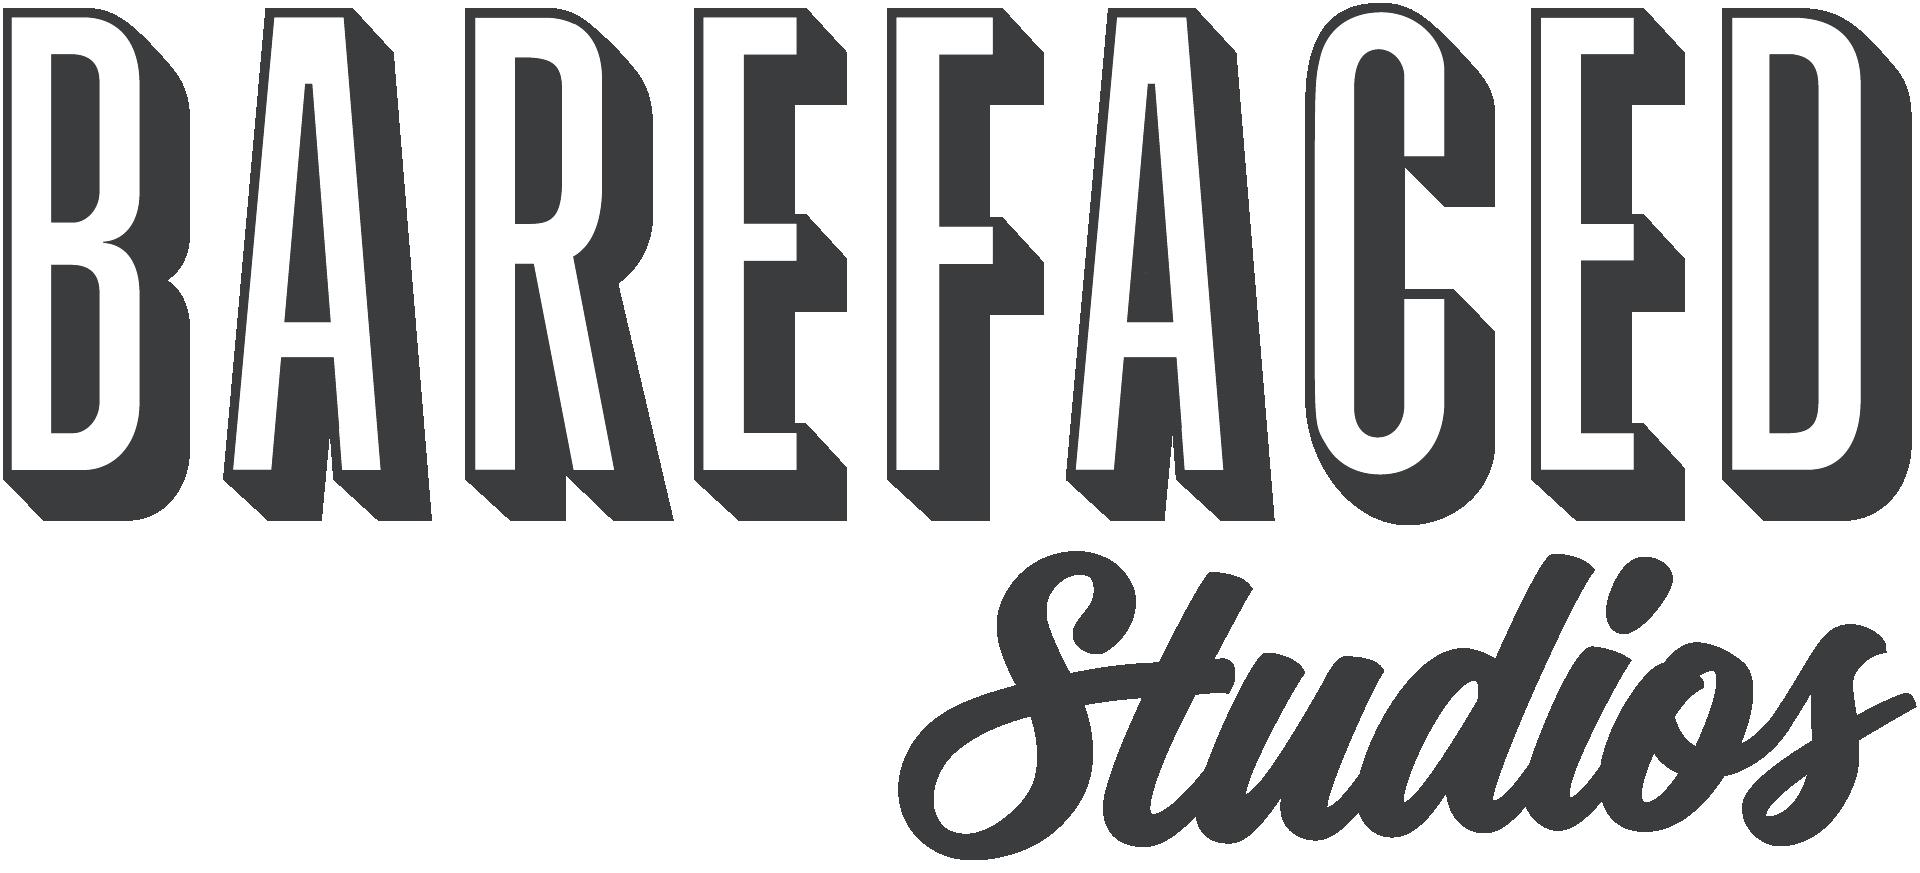 Barefaced Studios Logo